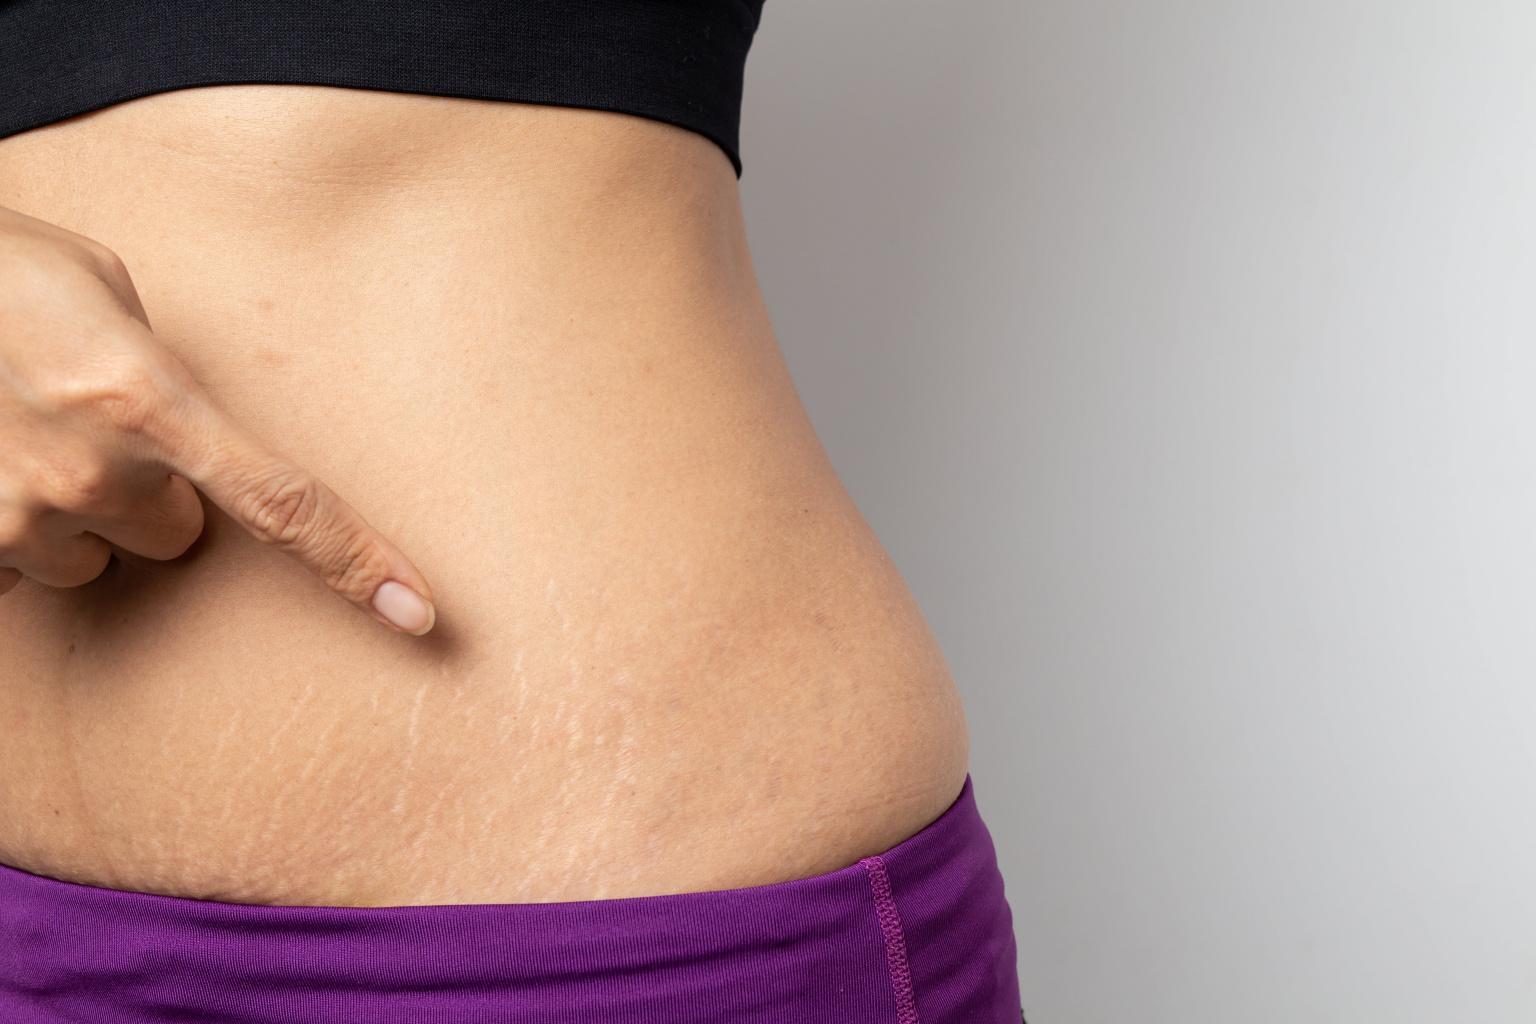 Растяжки после похудения – как от них избавиться за счет микродермабразии и обвертывания